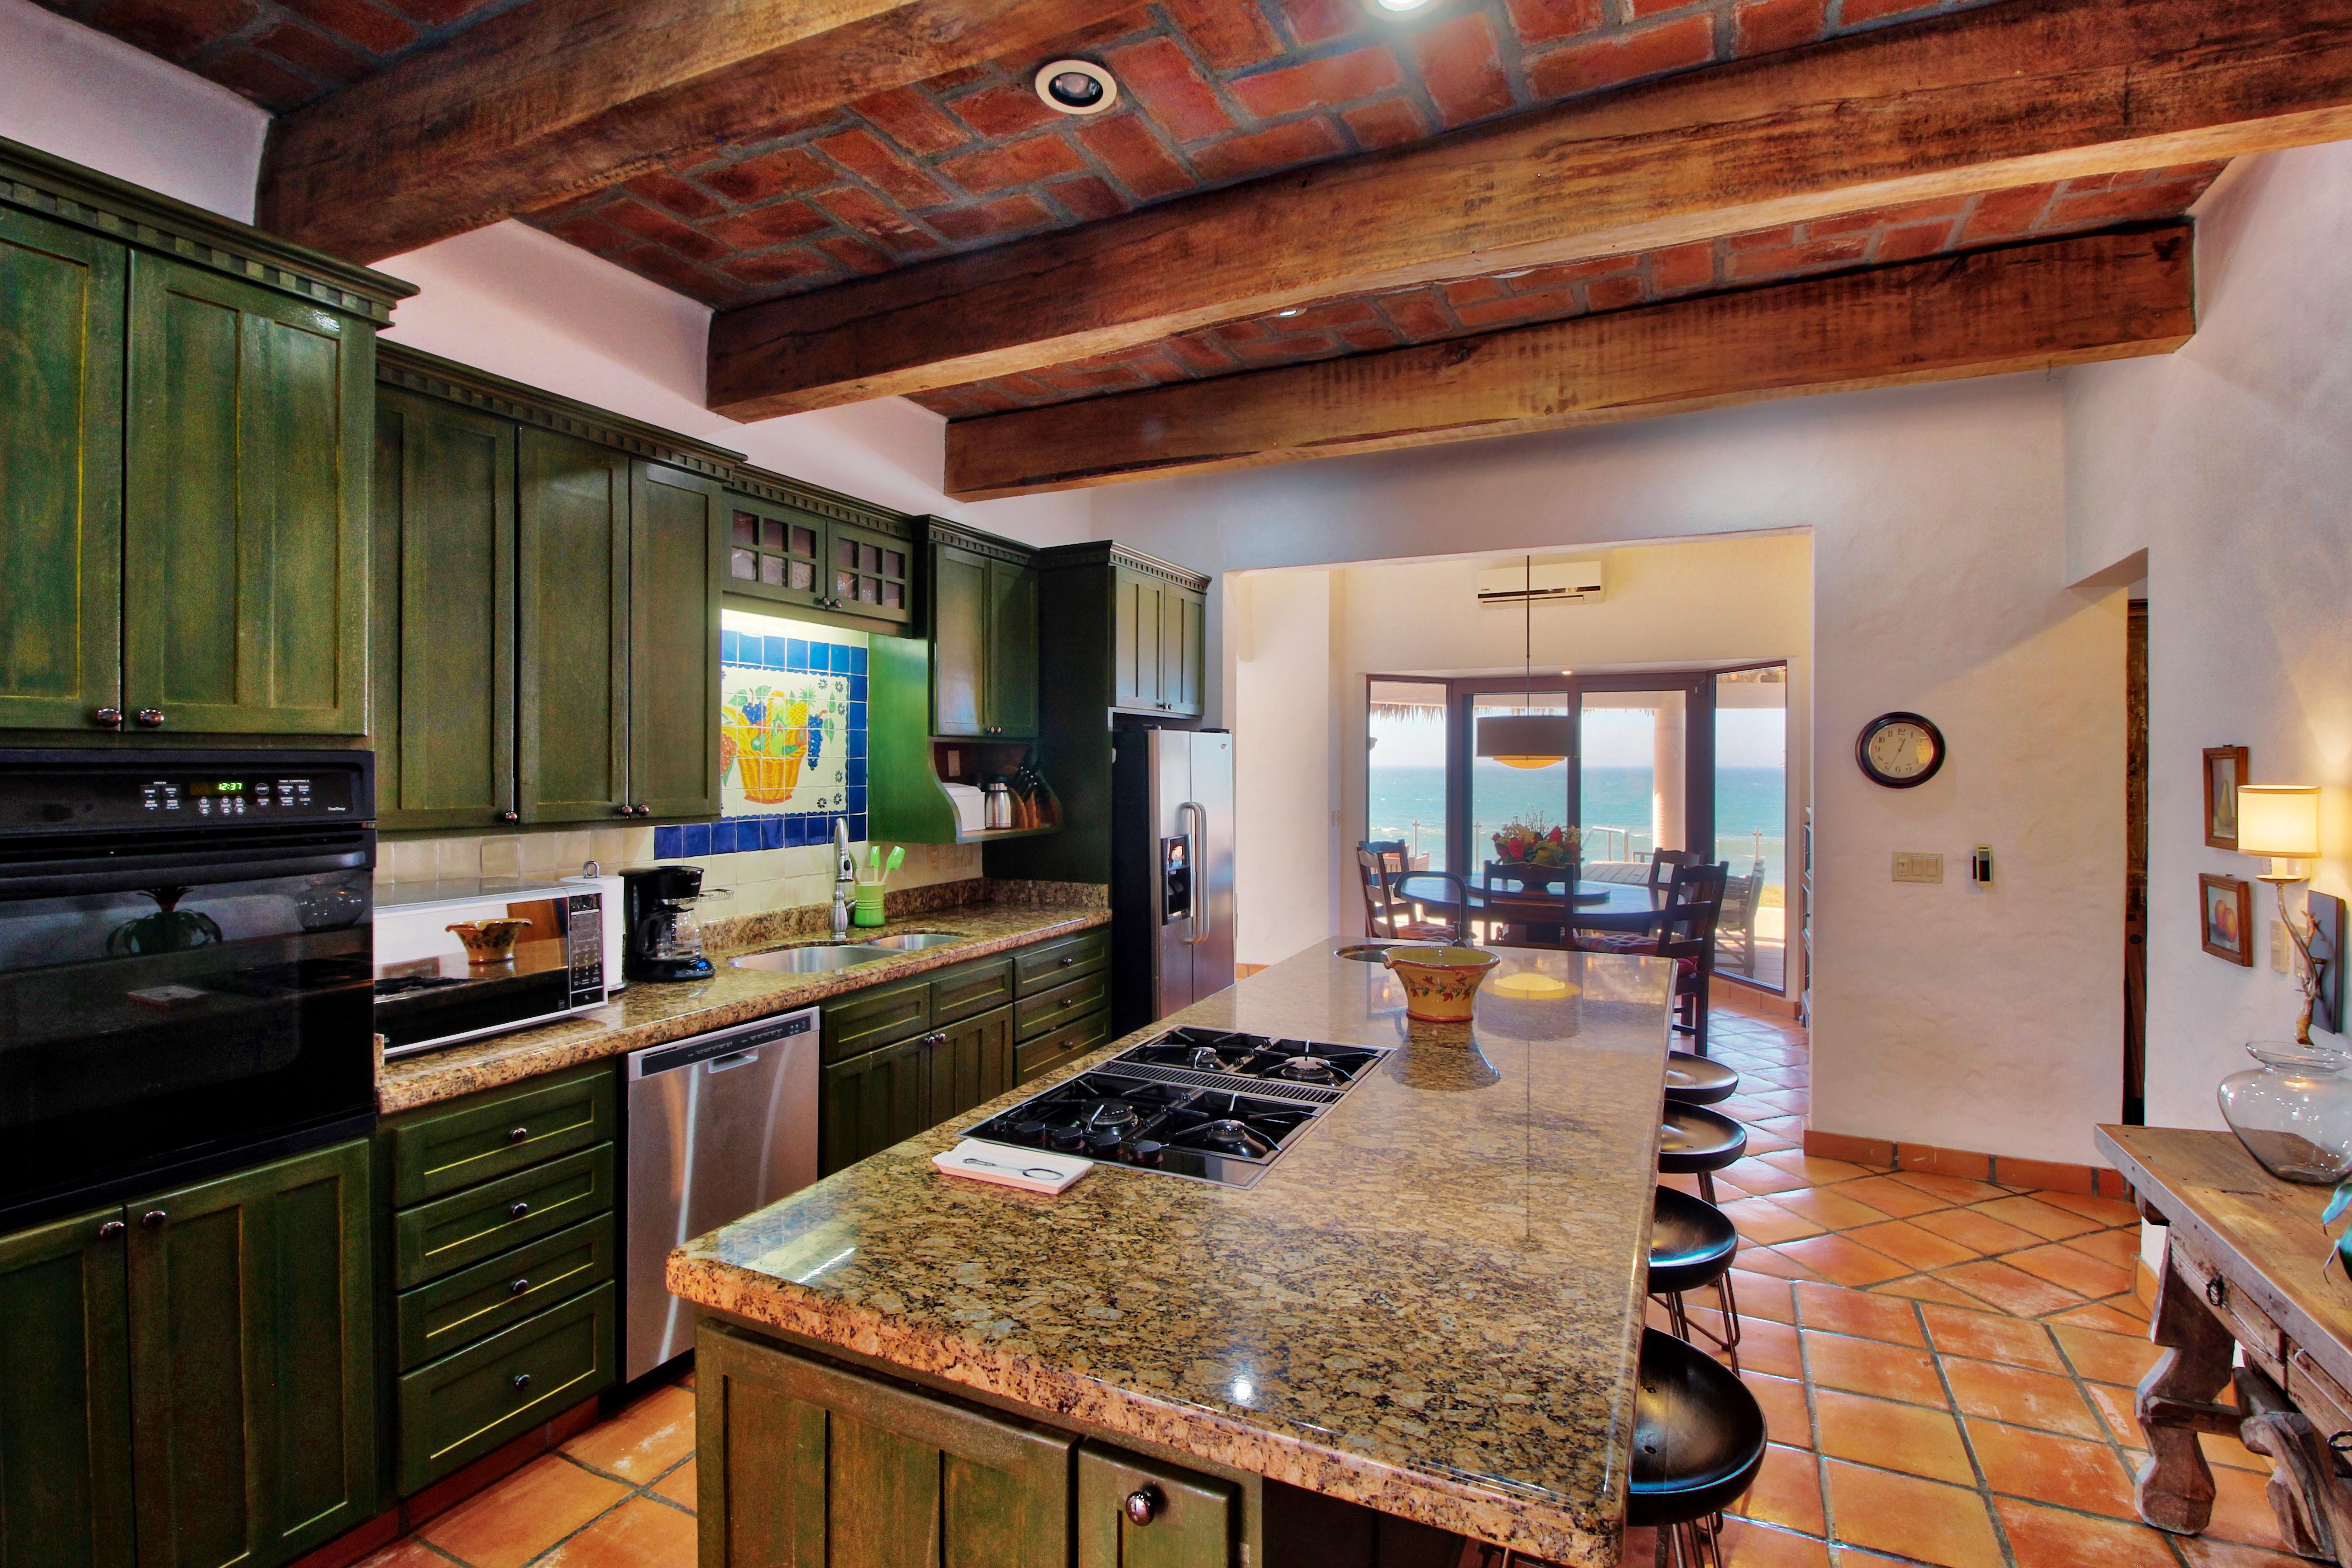 Large, fully stocked kitchen.